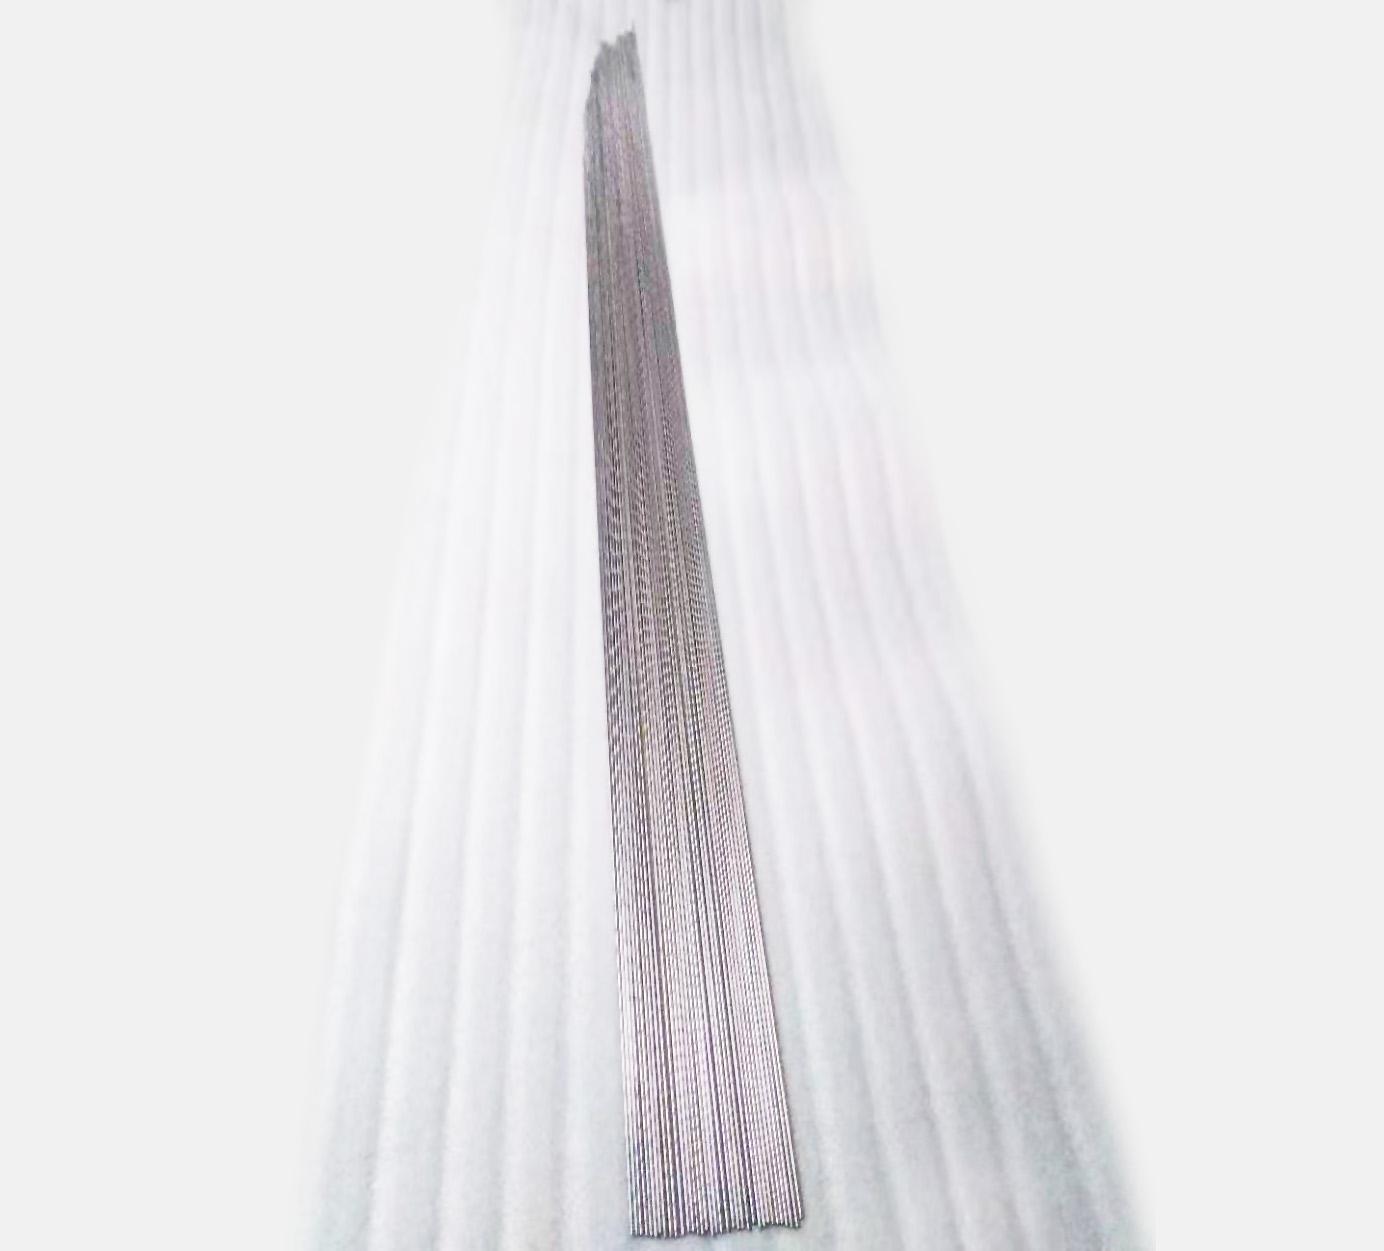 Molybdenum rhenium rod